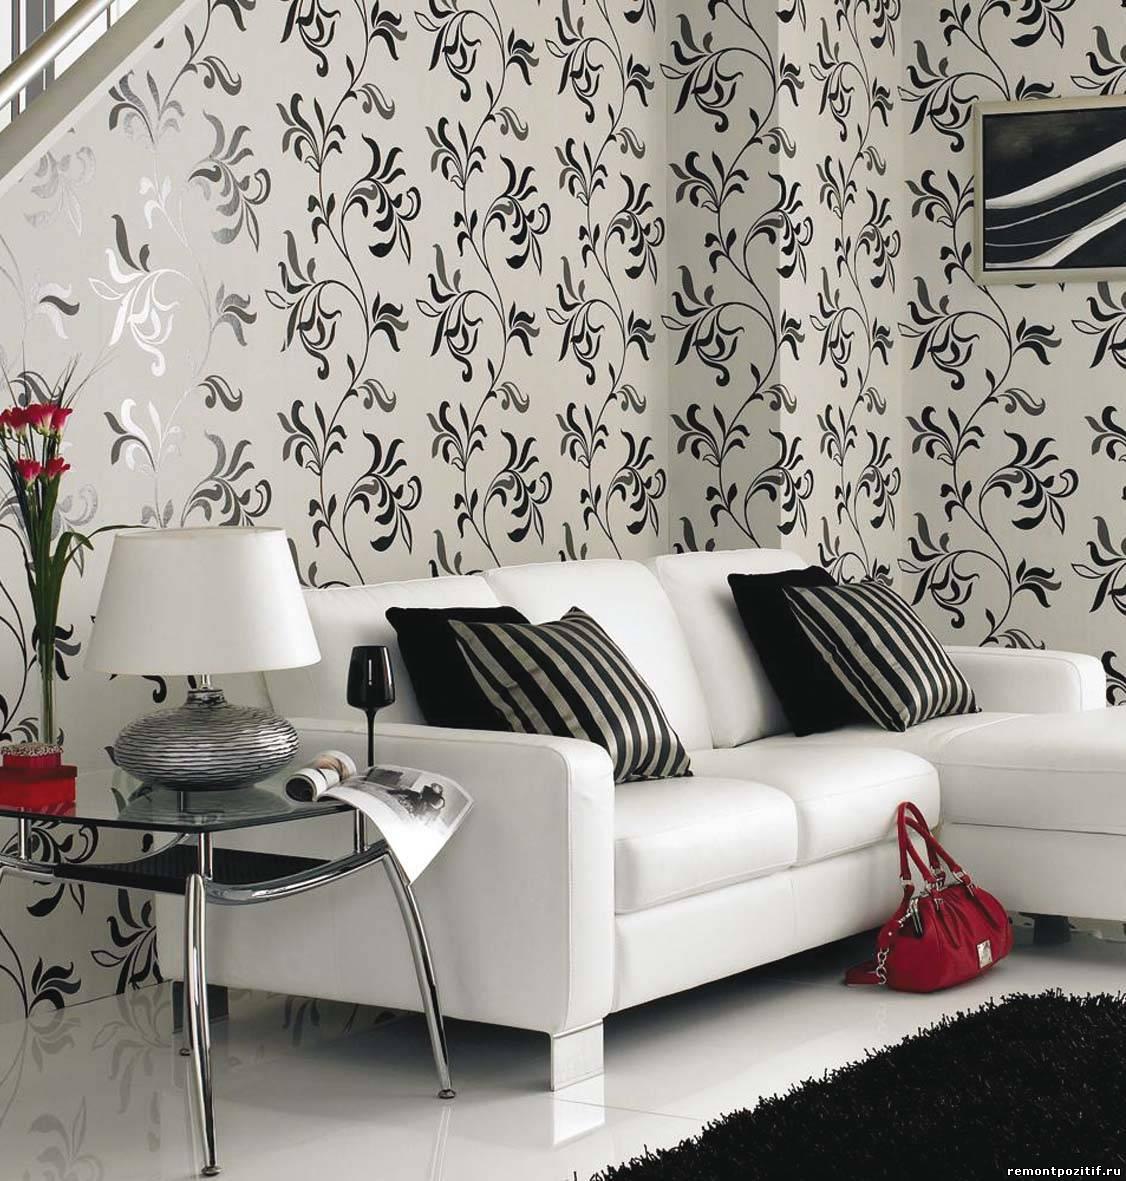 Дизайн стен в квартире. Материалы для отделки стен: обои, ткань ...